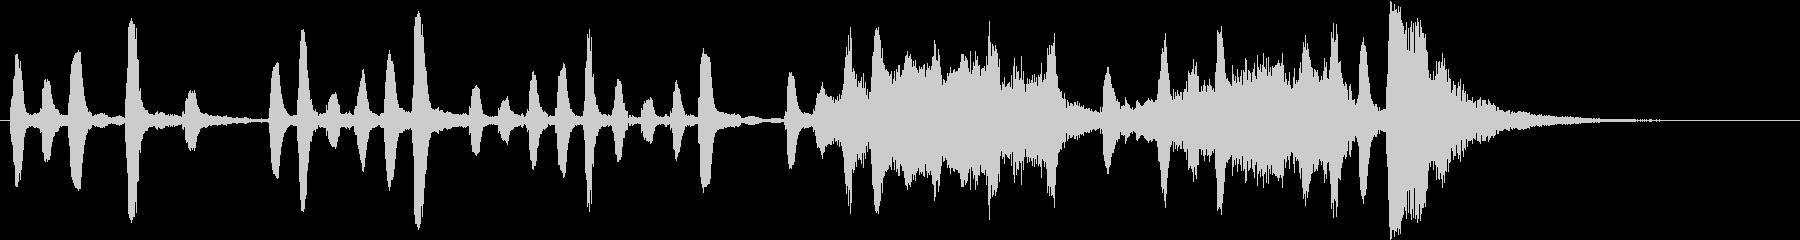 Voice 15 秒ジングルの未再生の波形